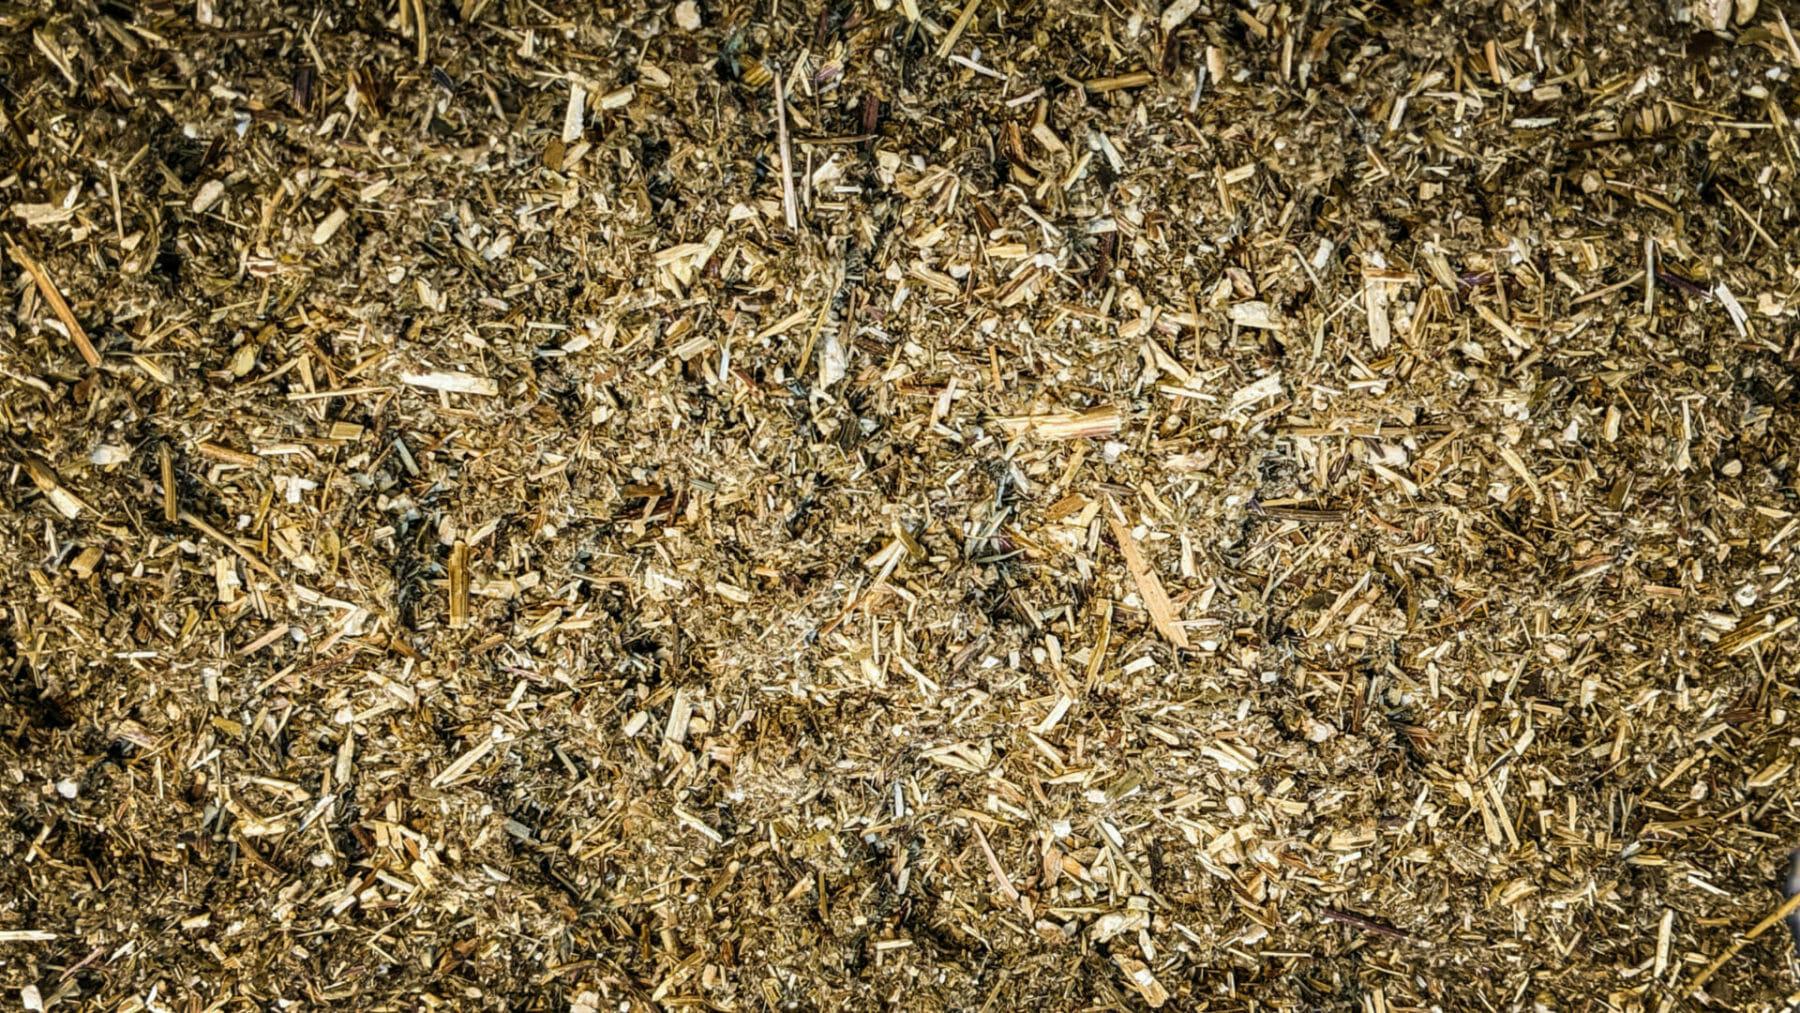 Mugwort Product image